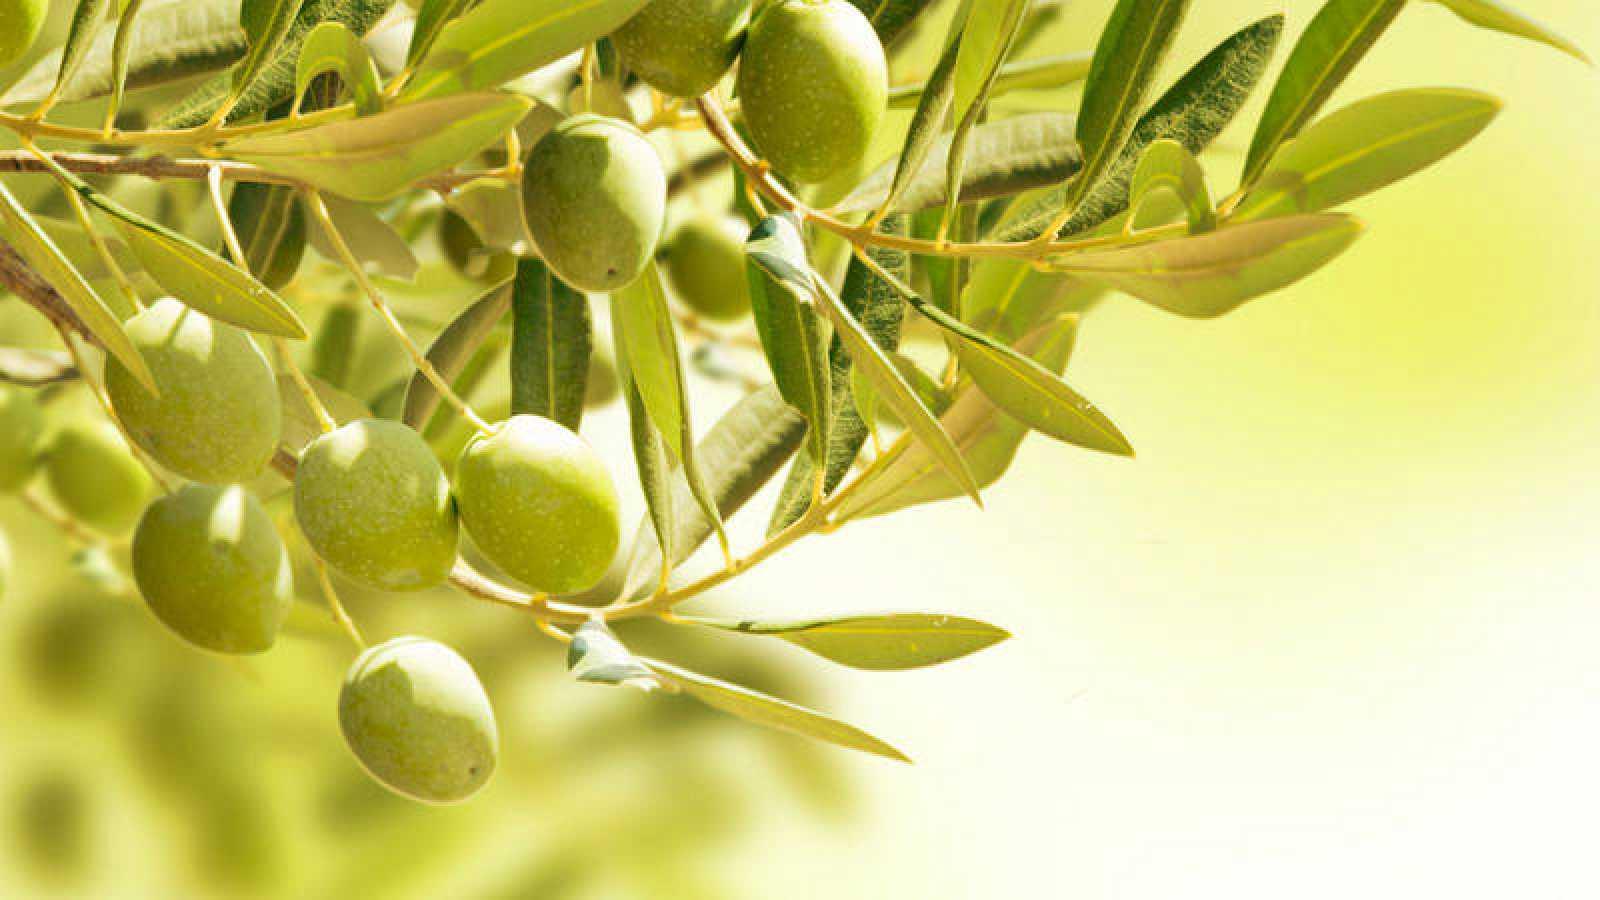 Detalle de un olivo cargado de aceitunas